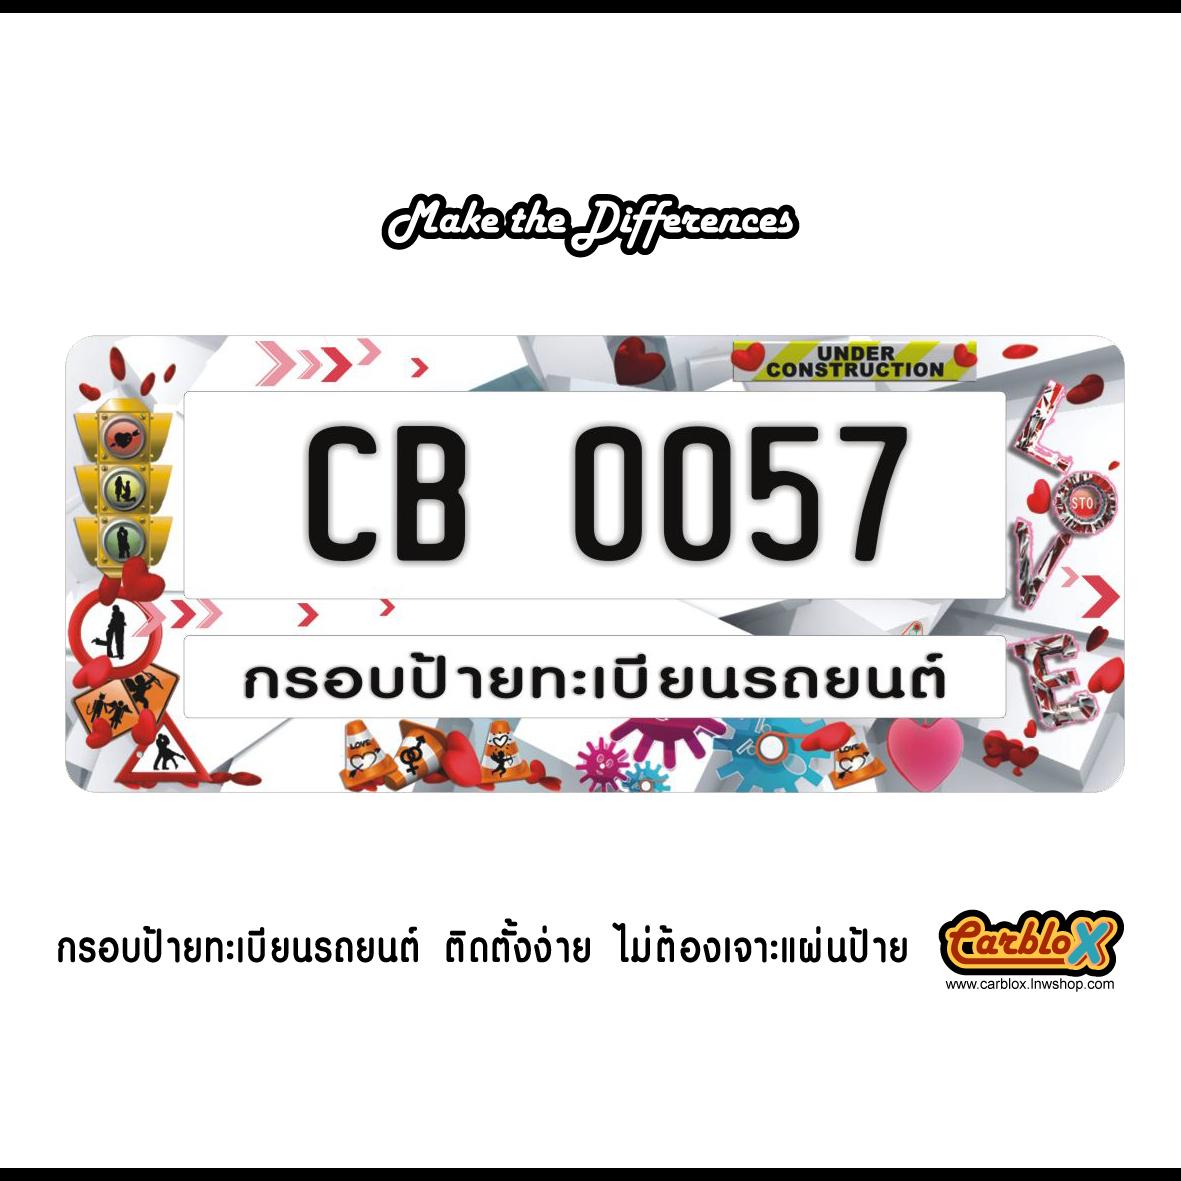 กรอบป้ายทะเบียนรถยนต์ CARBLOX ระหัส CB 0057 ลาย LOVE STORYS.